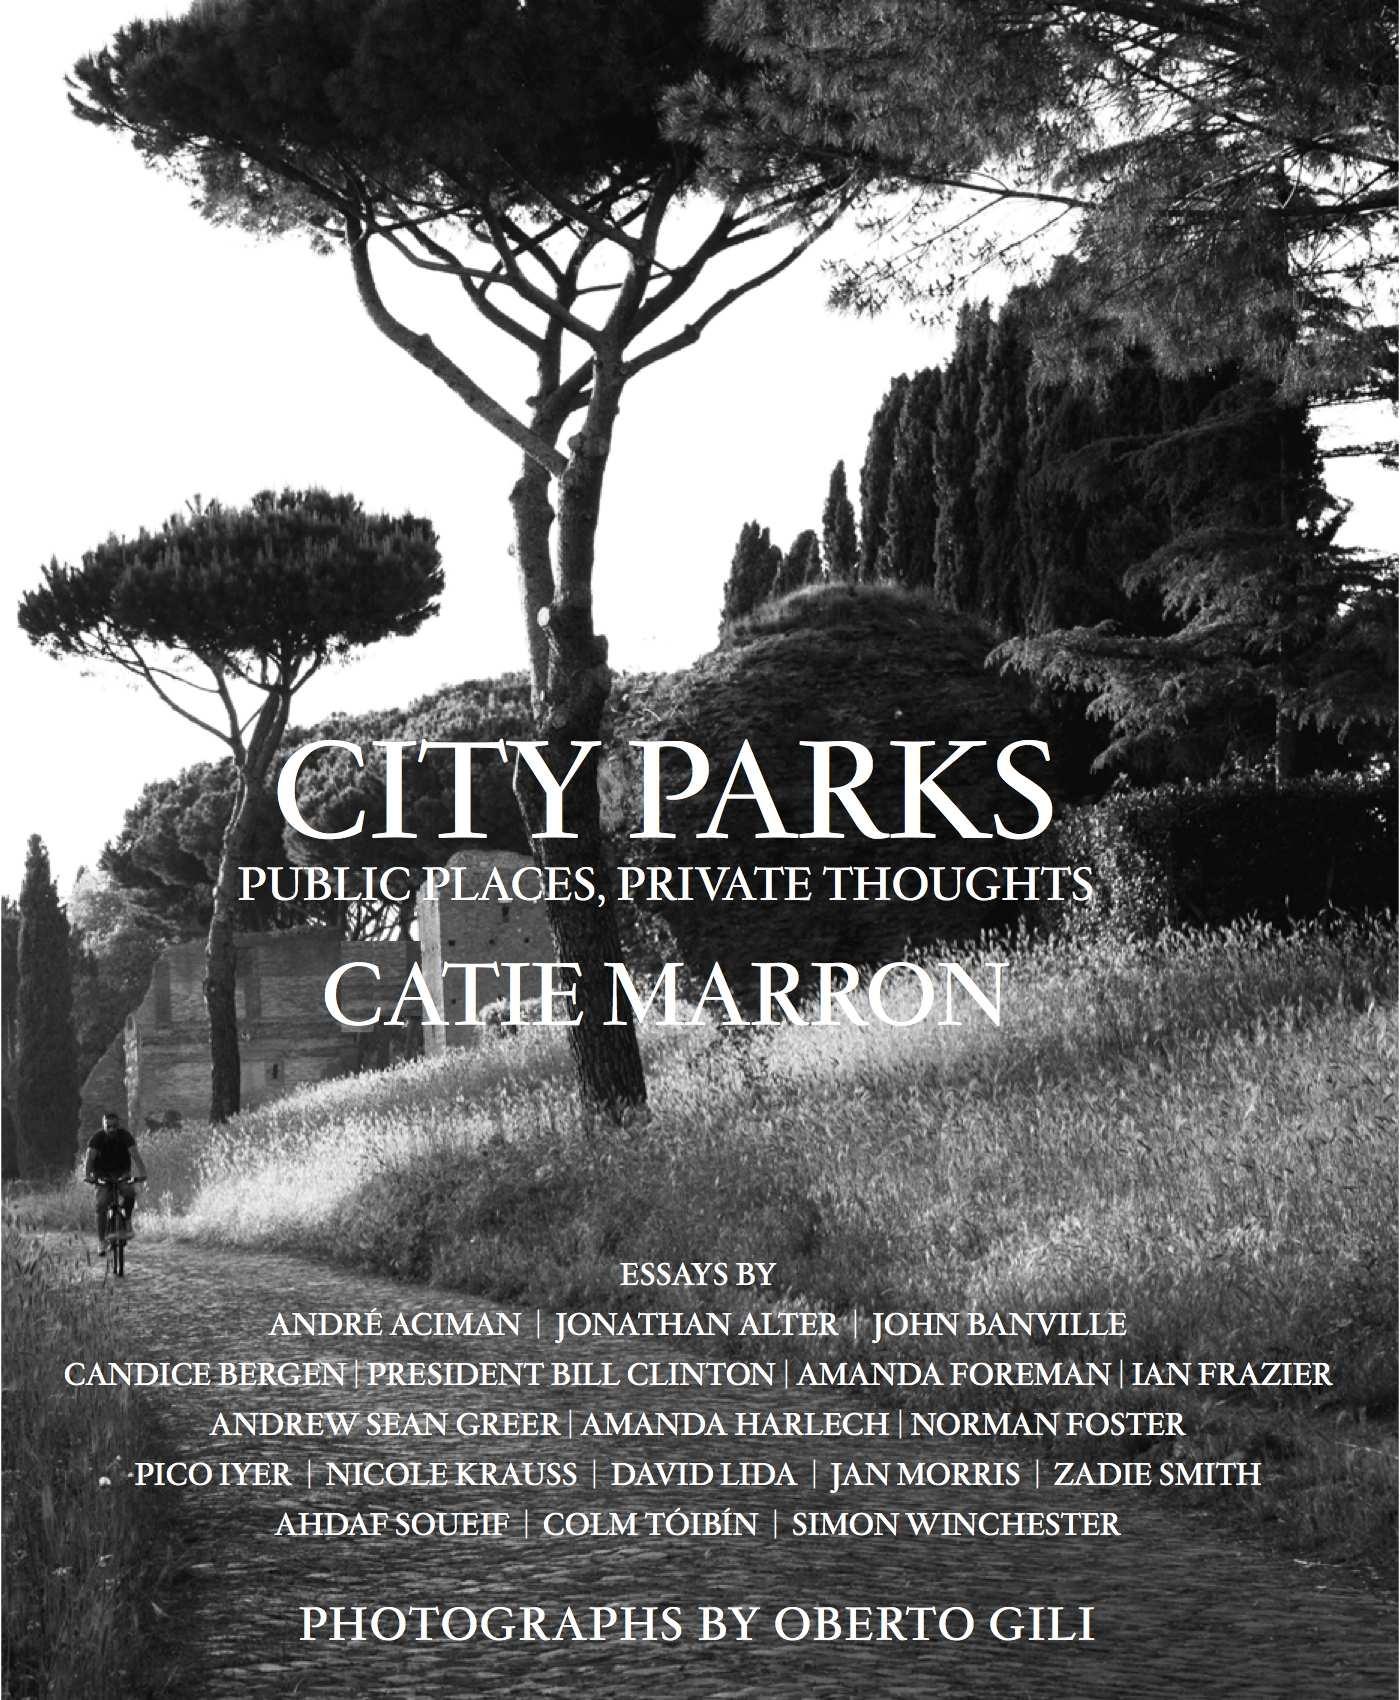 City Parks 2013 (The Presidio)